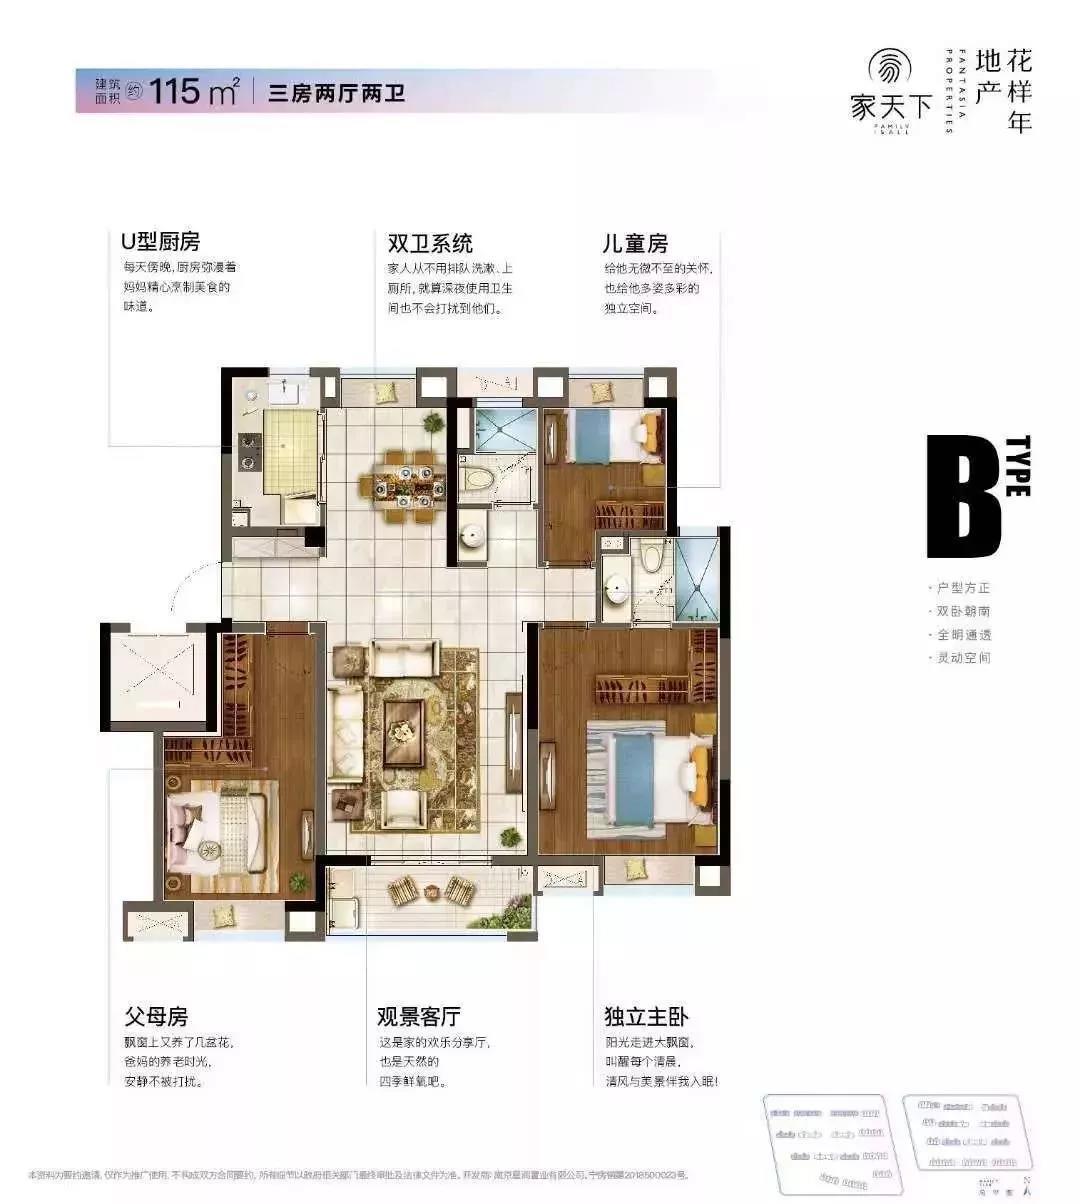 三卧室均带飘窗,主卧套房设计 建筑面积约135㎡,四房两厅两卫 短进深